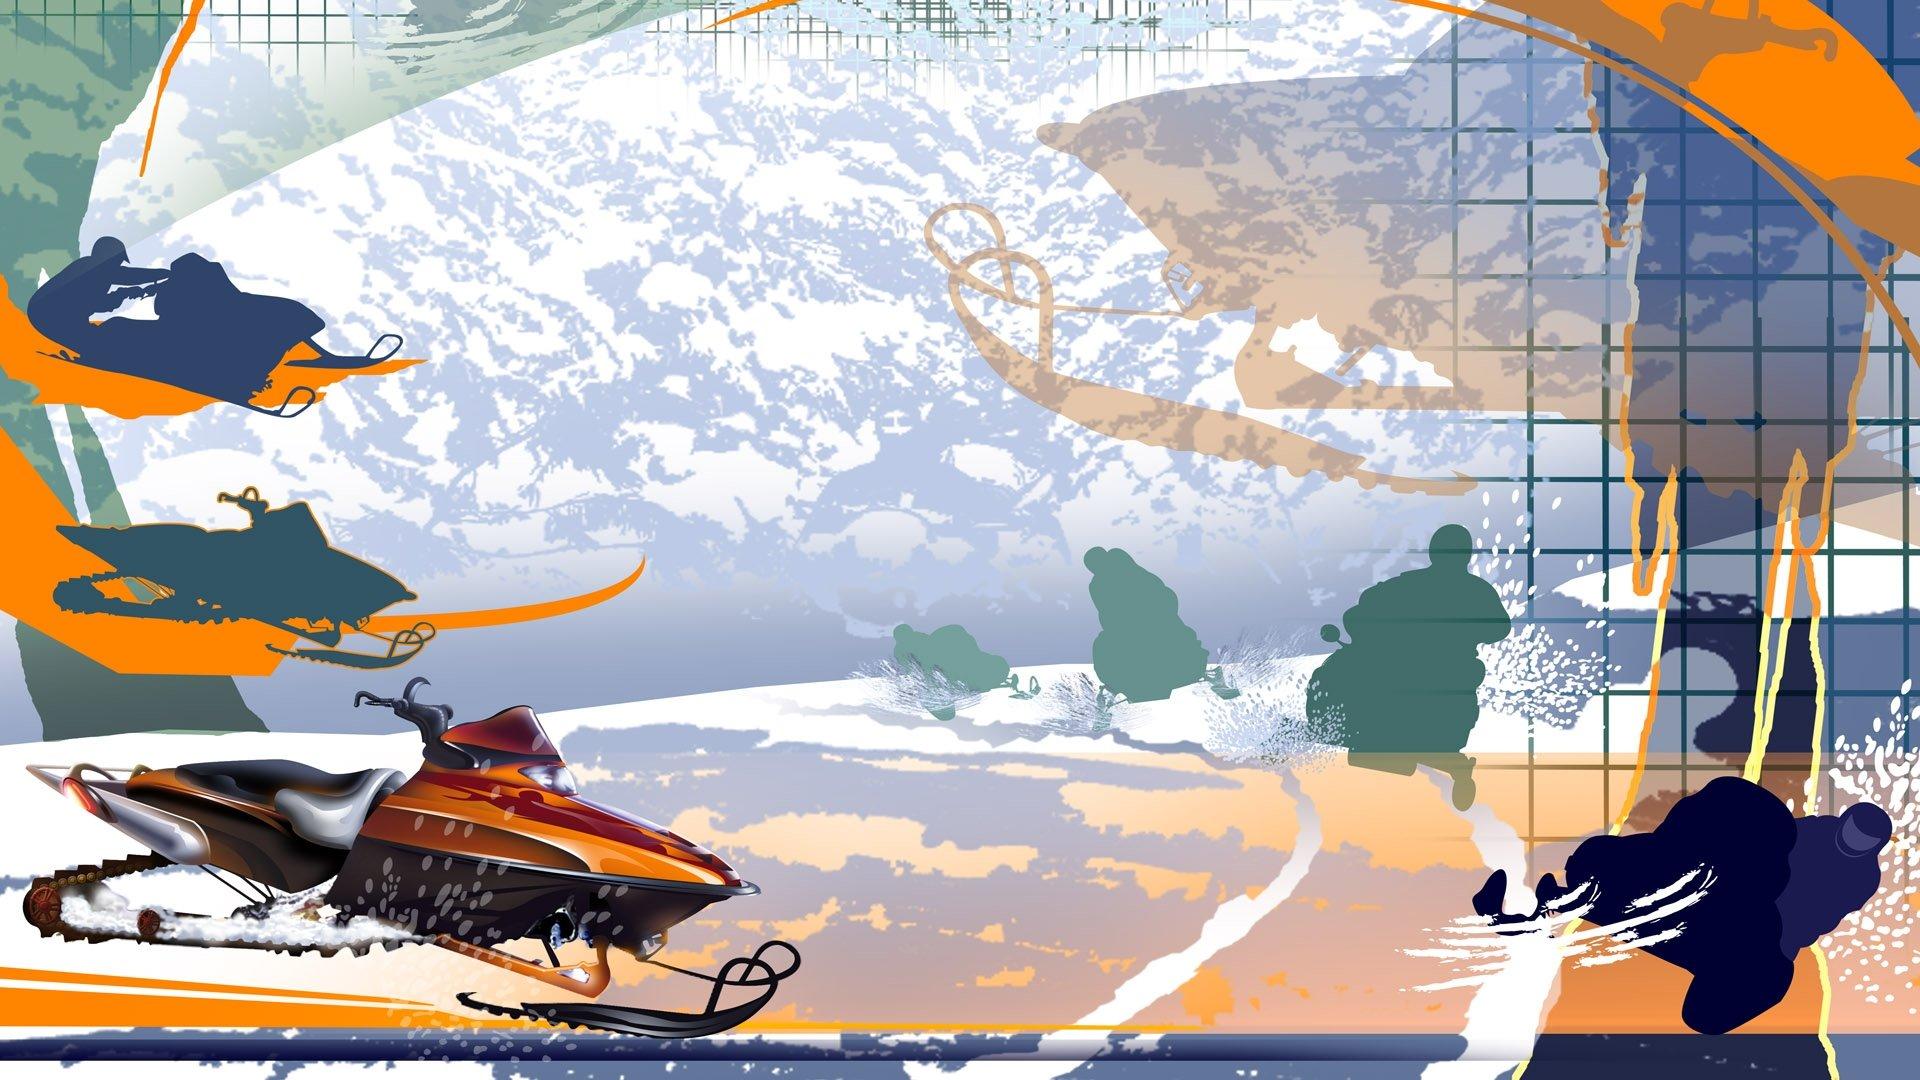 体育运动项目手绘_体育运动项目手球卡通版手绘